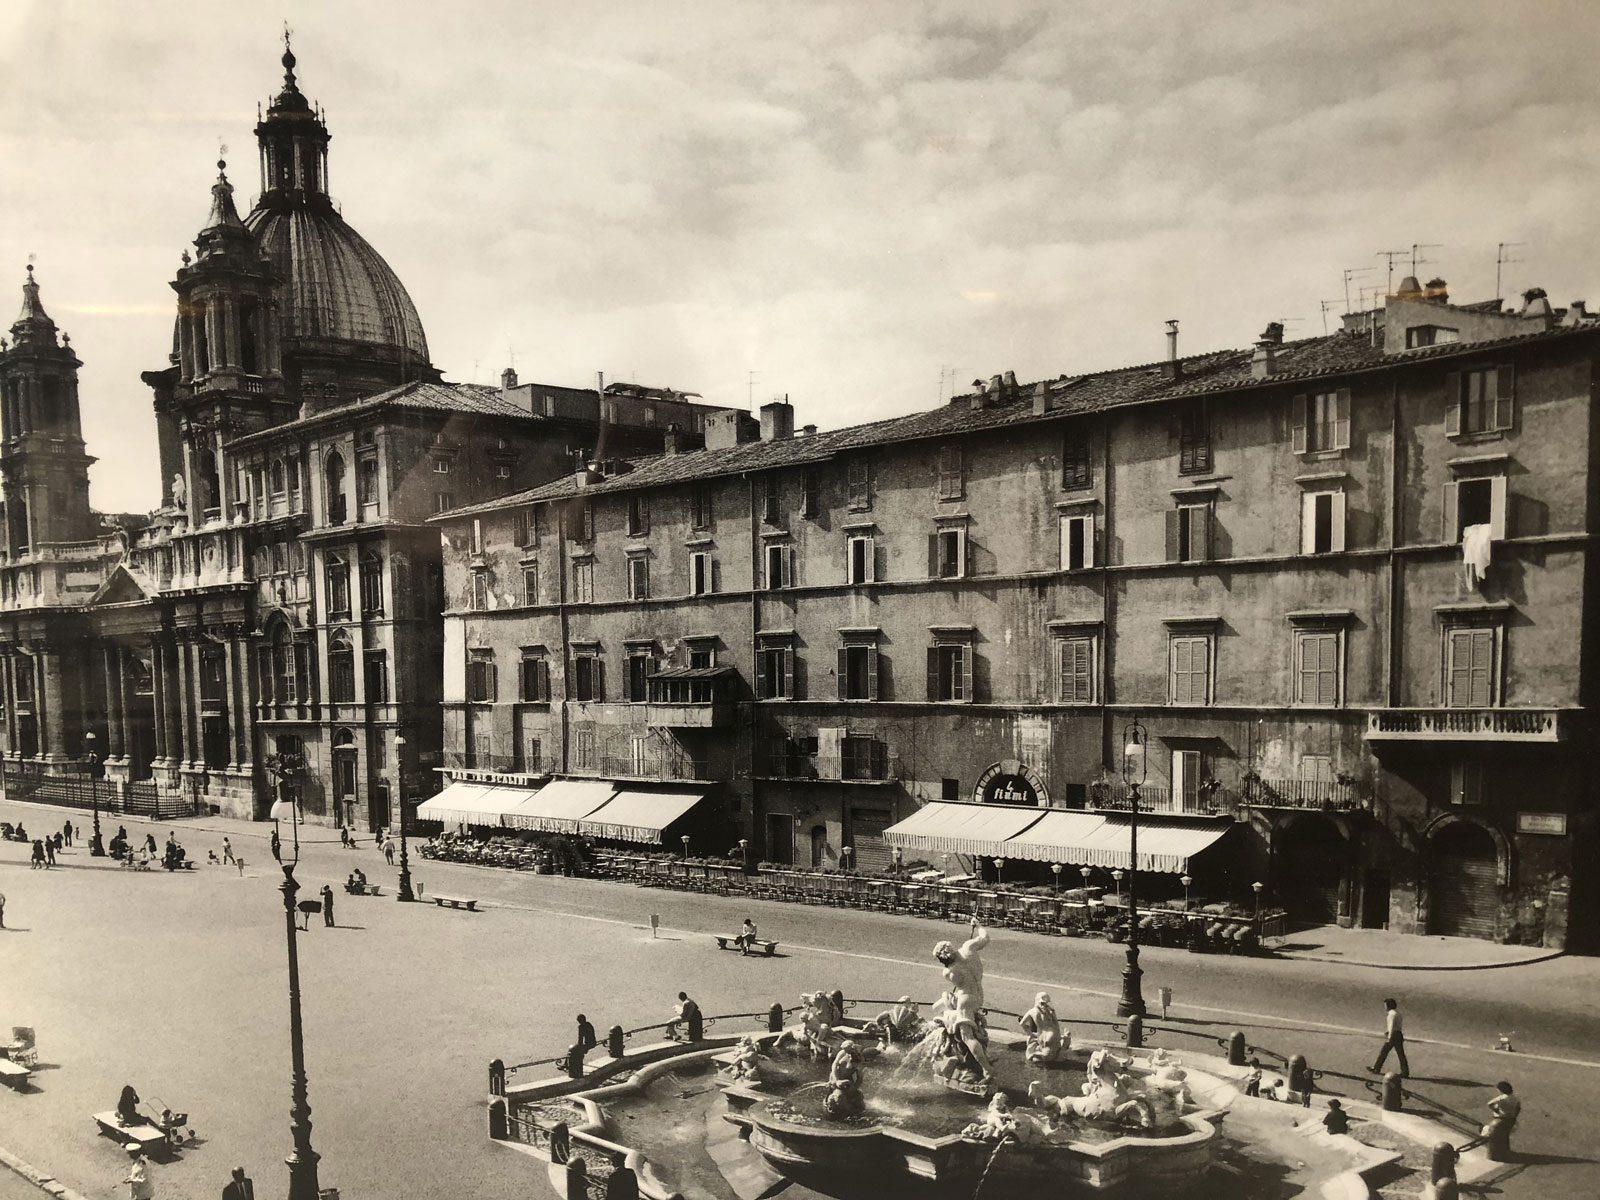 ristorante 4 fiumi history